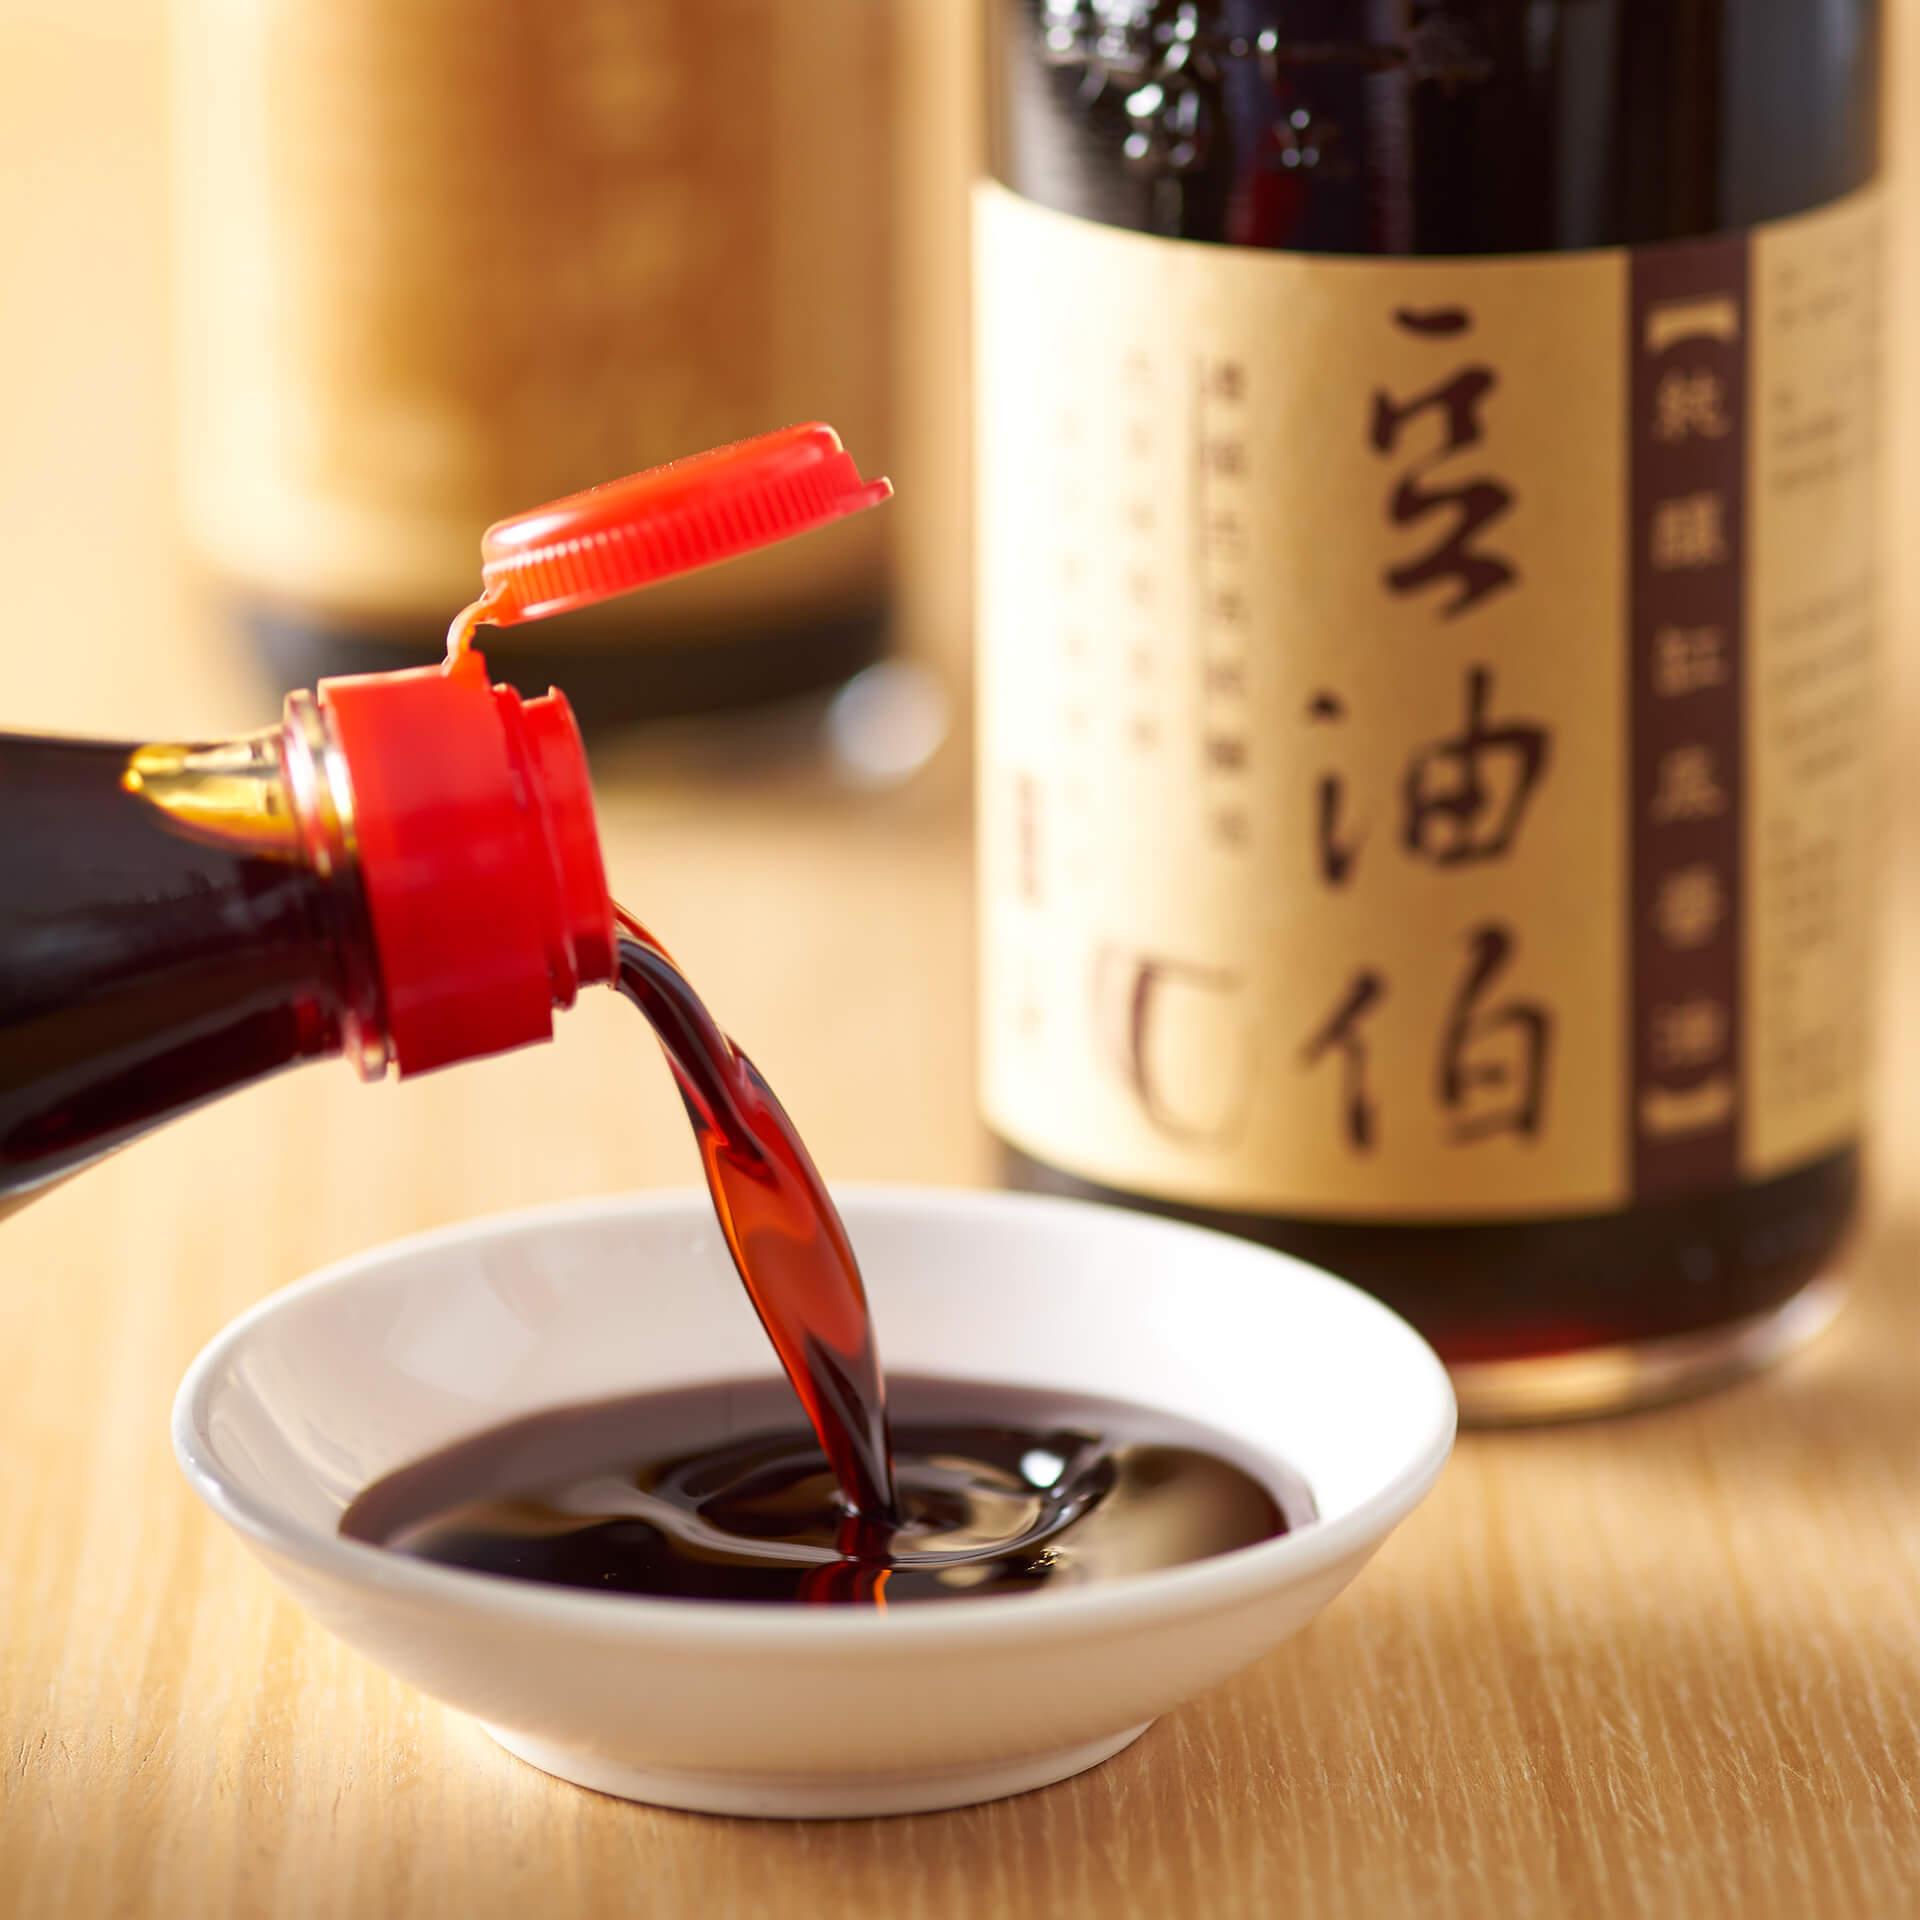 【點我加購88up】缸底醬油4入+甘田醬油2入(共6入)